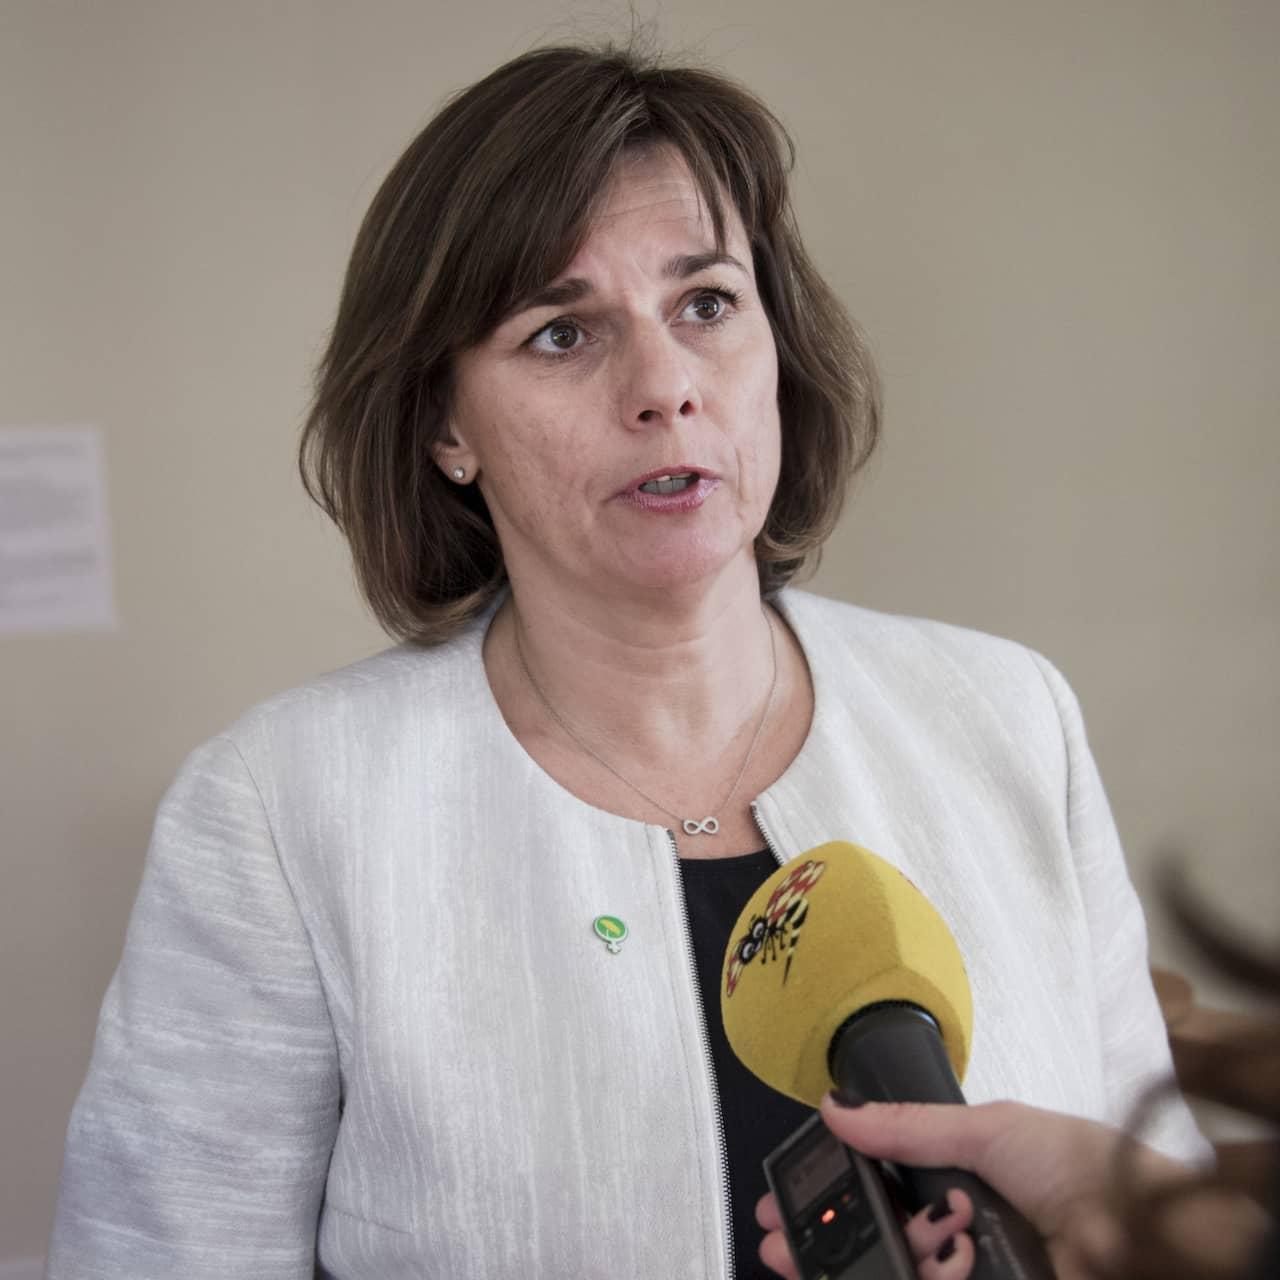 29. Isabella Lövin